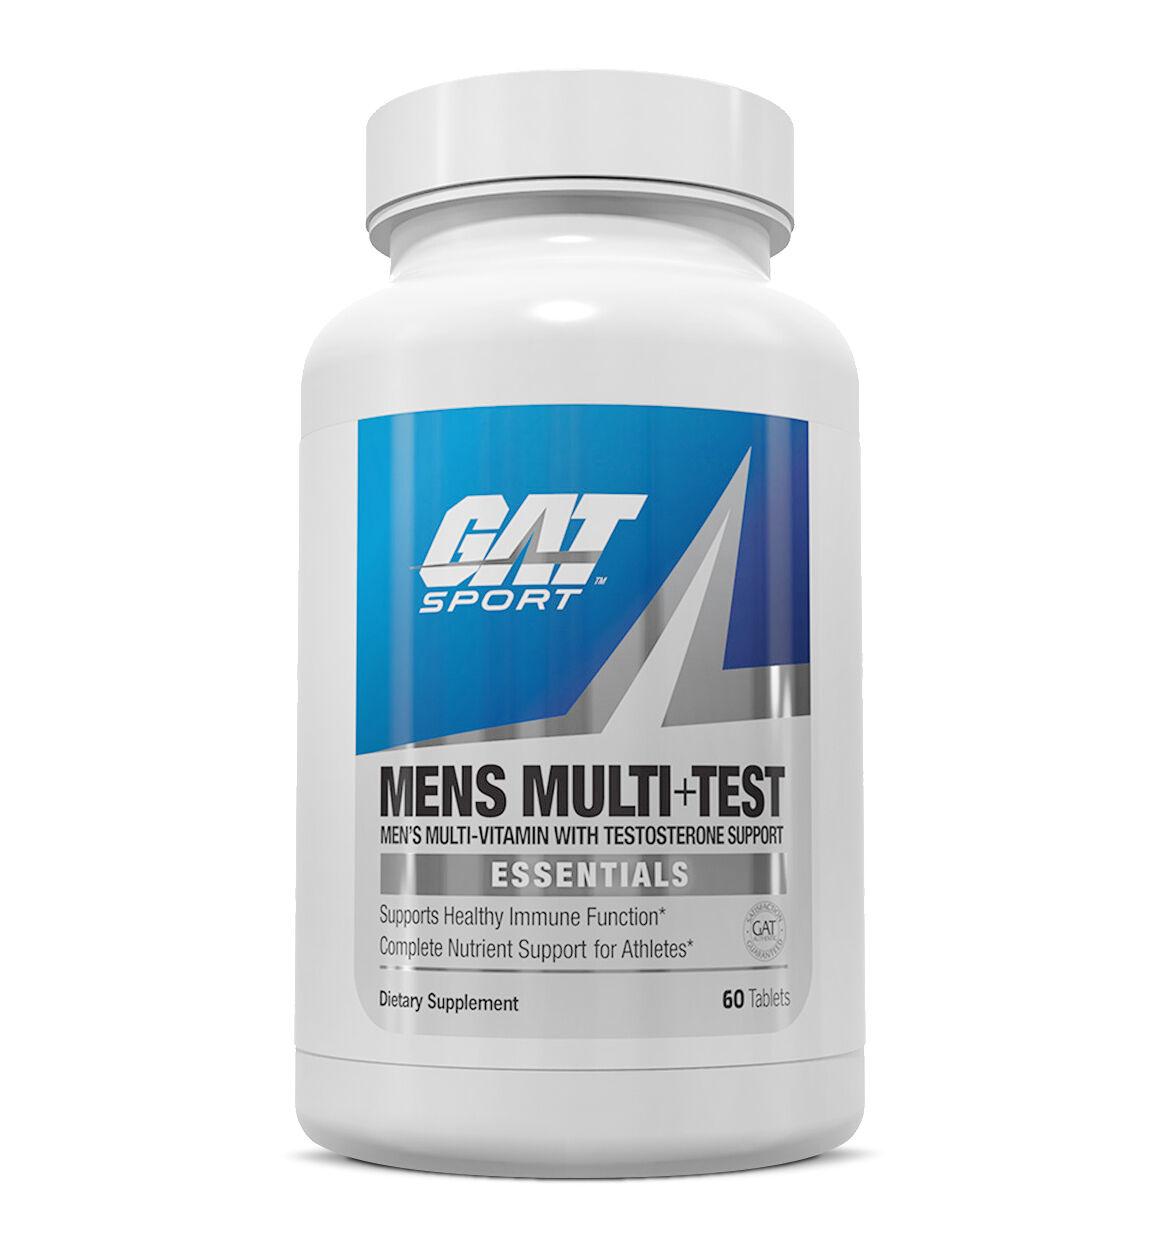 Купить GAT Sport Men's Multi + Test Premium Multivitamin & Testosterone Support 60 Tabs